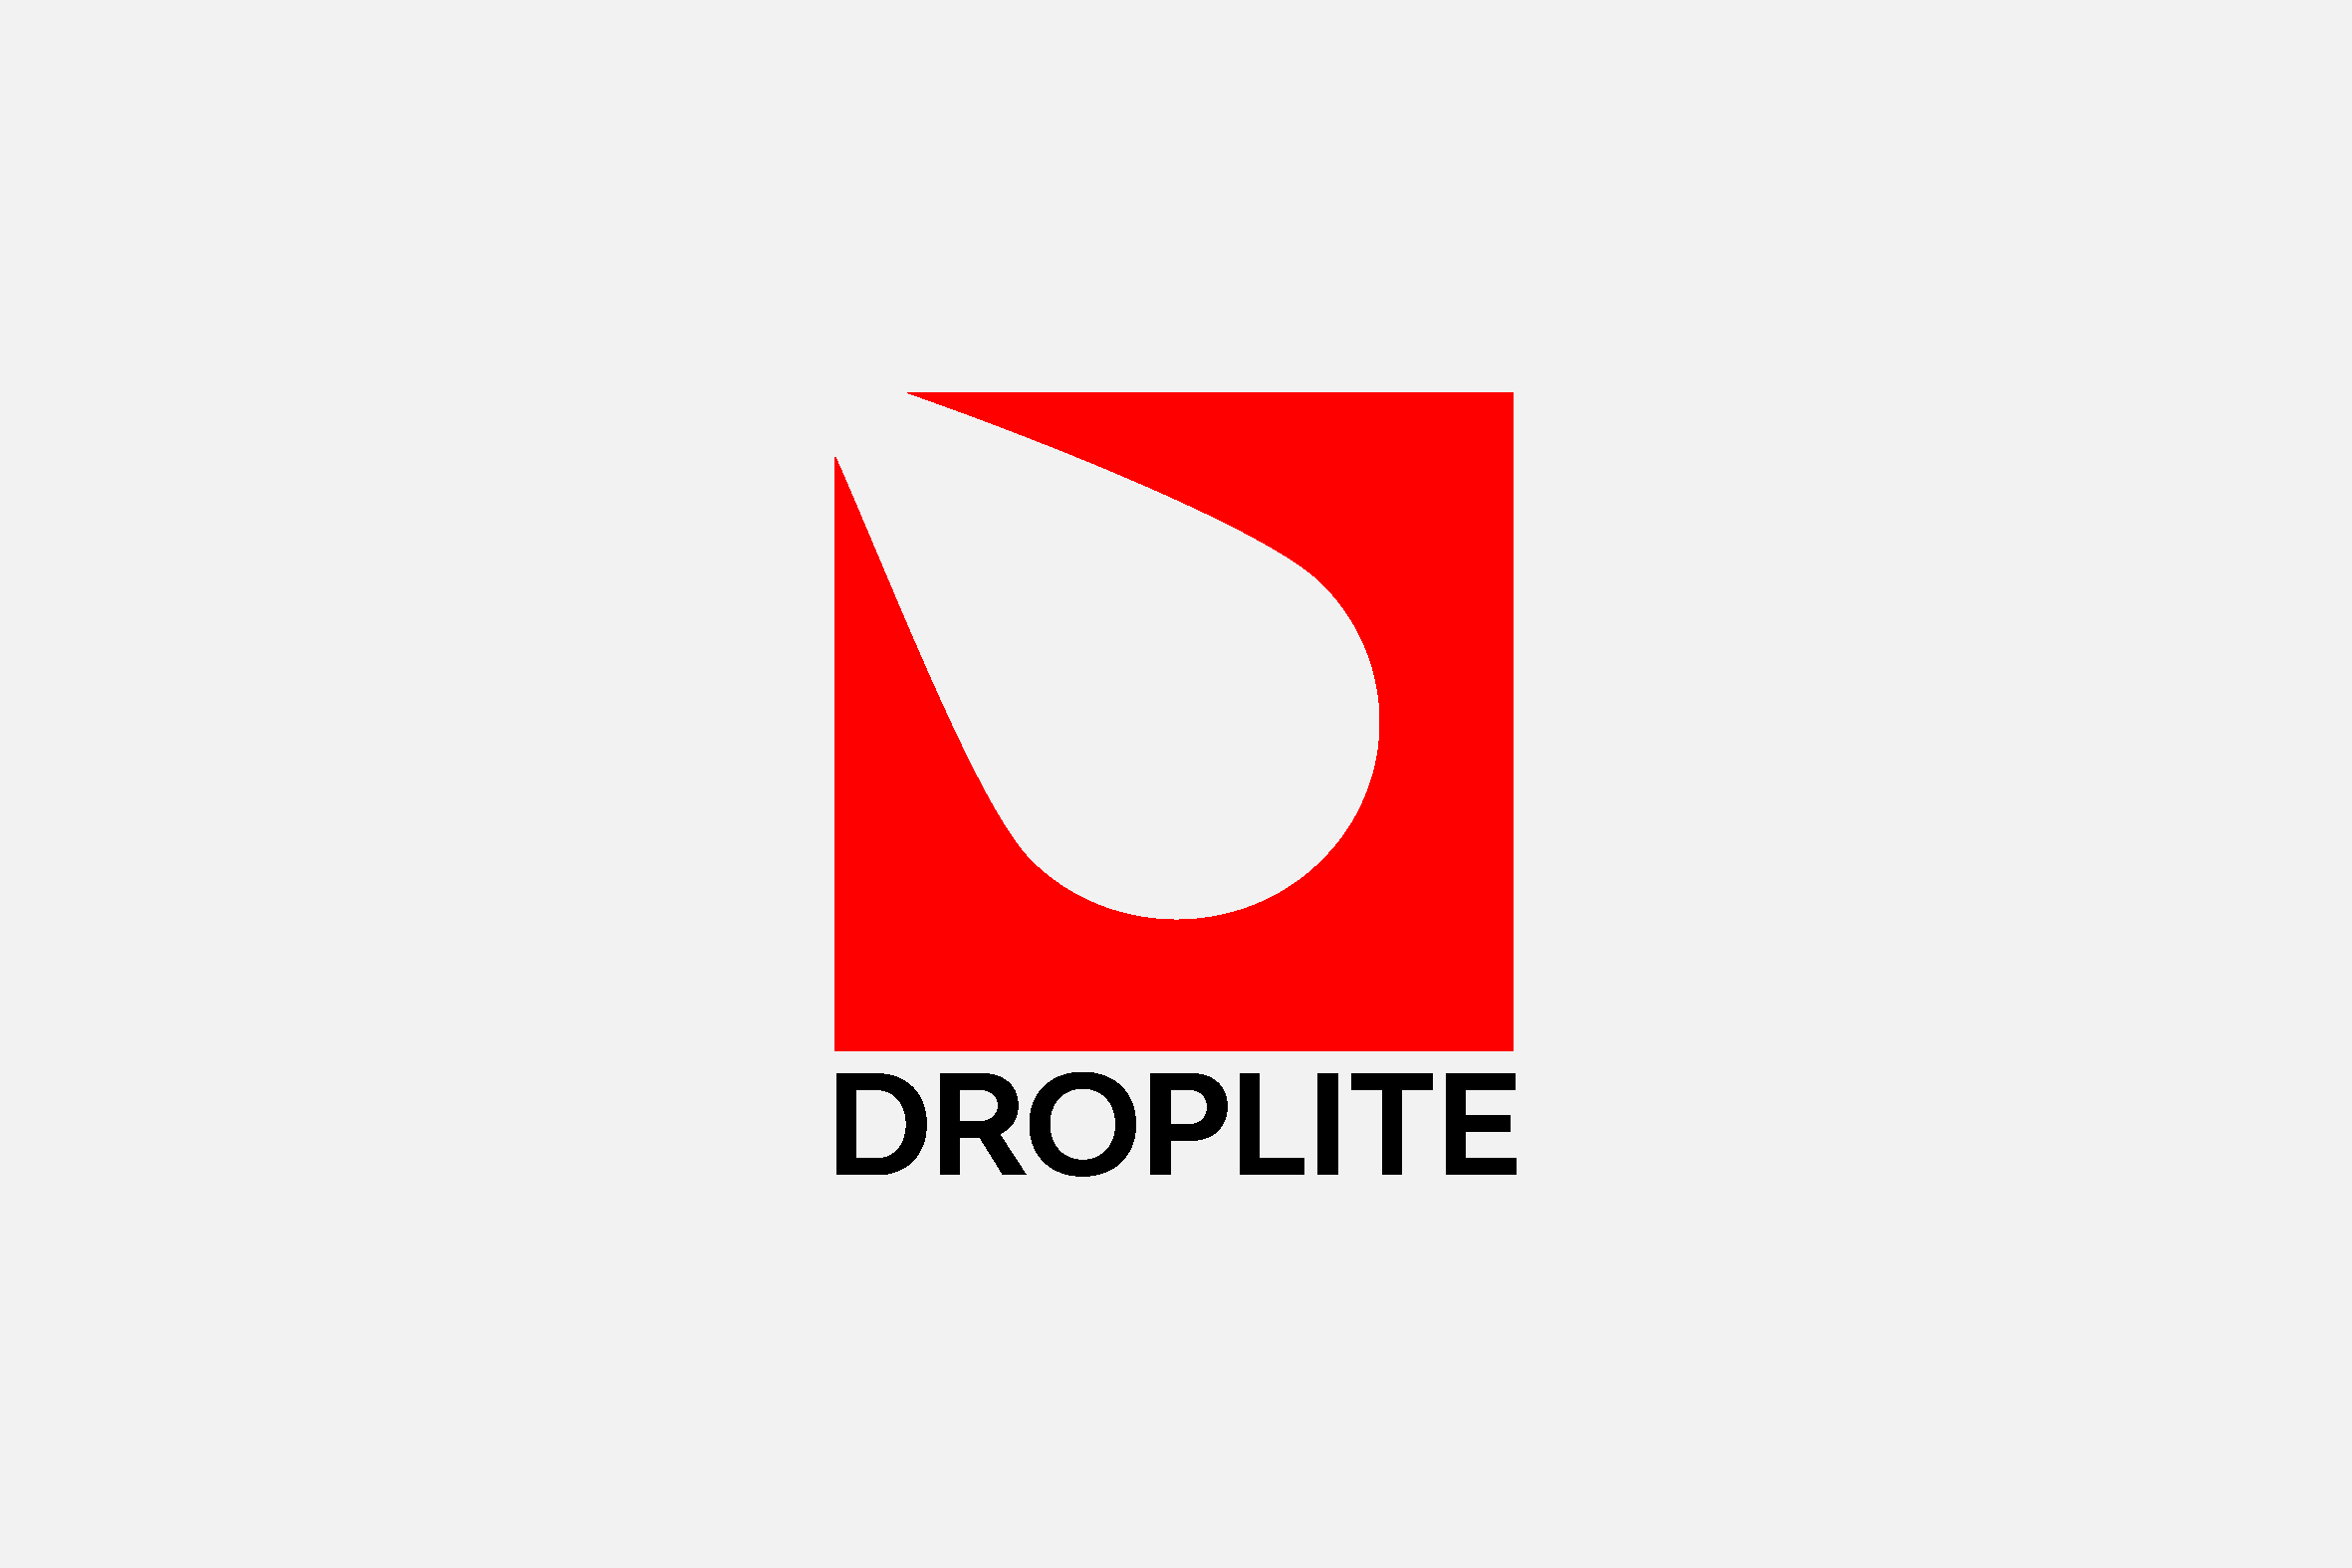 Droplite-logo-square-Daniel-Cavalcanti